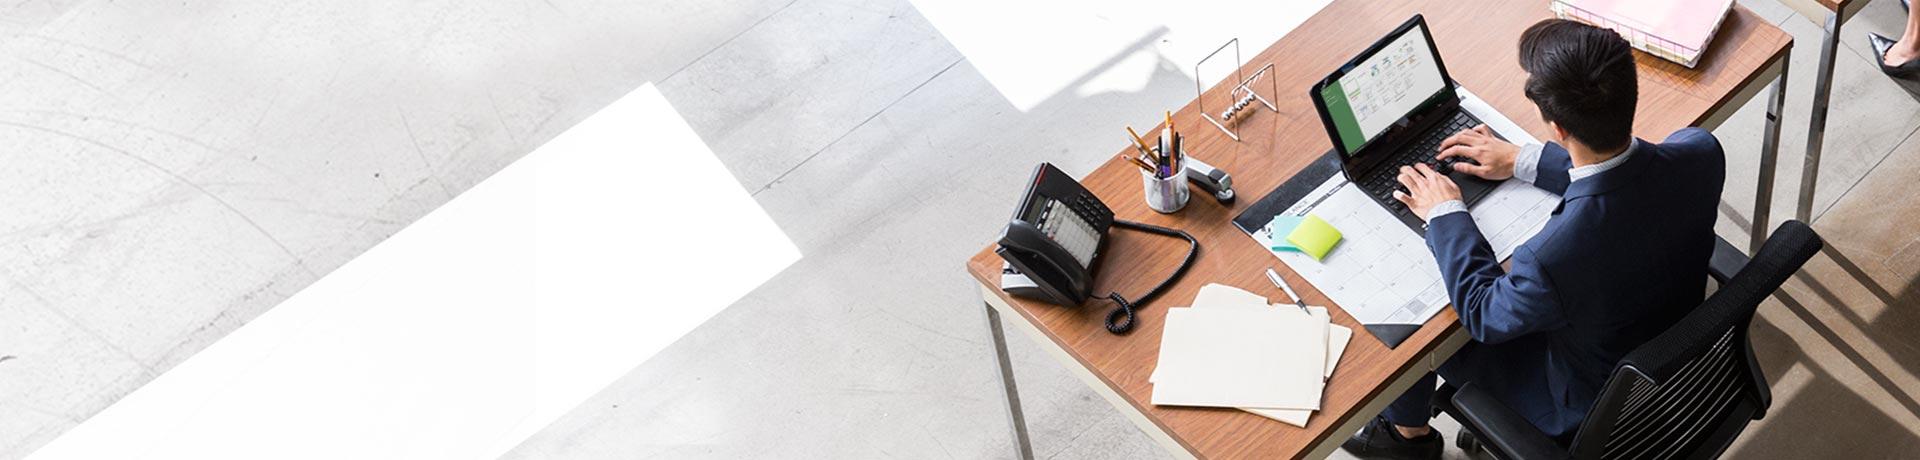 Bărbat stând la biroul firmei, lucrând la un fișier Microsoft Project pe un laptop.